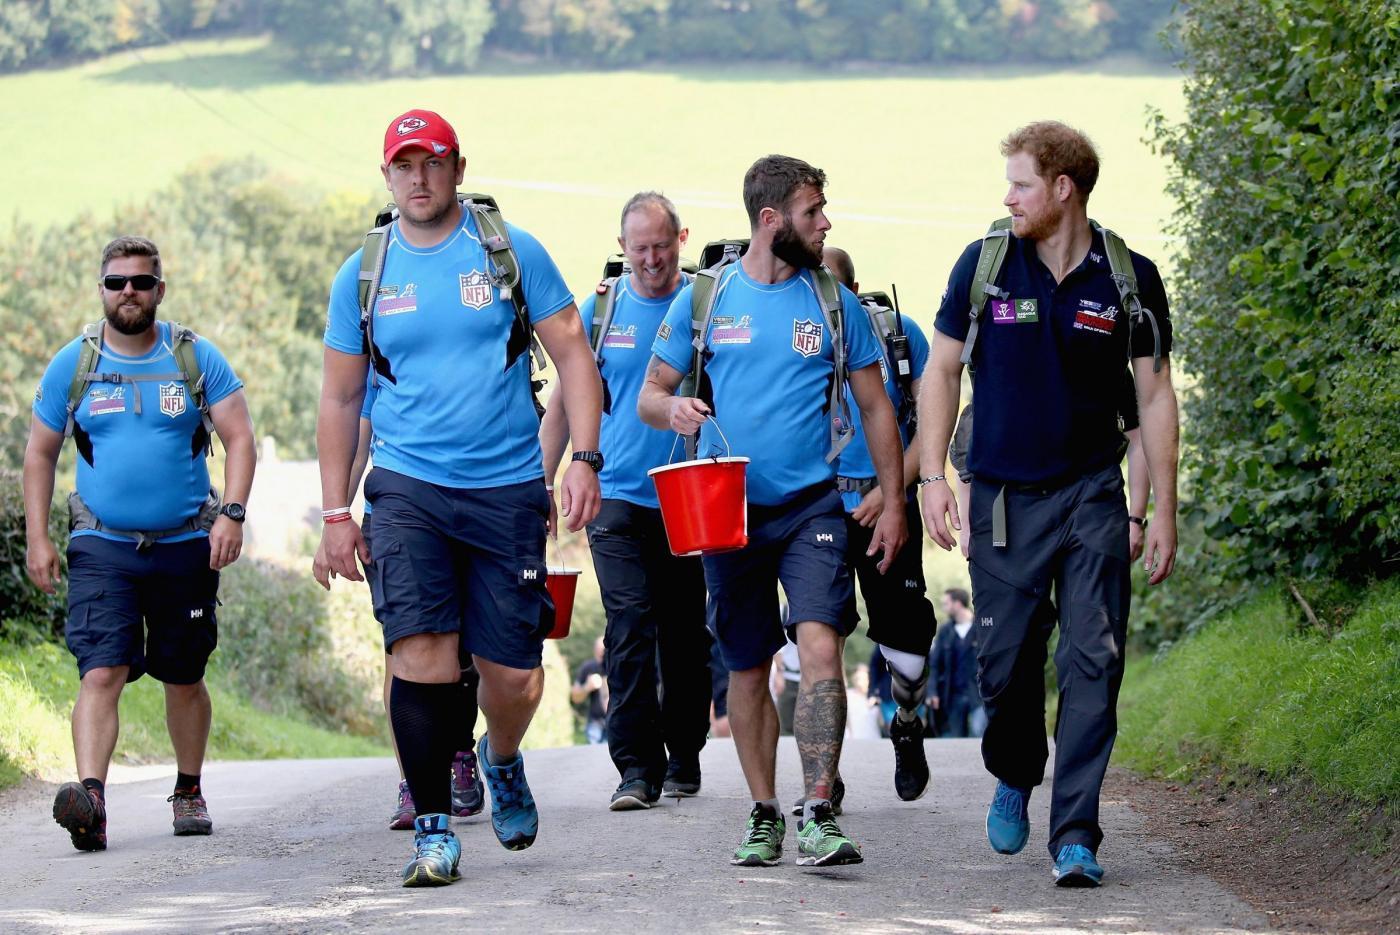 Harry in marcia con i reduci: barba incolta, look sportivo3